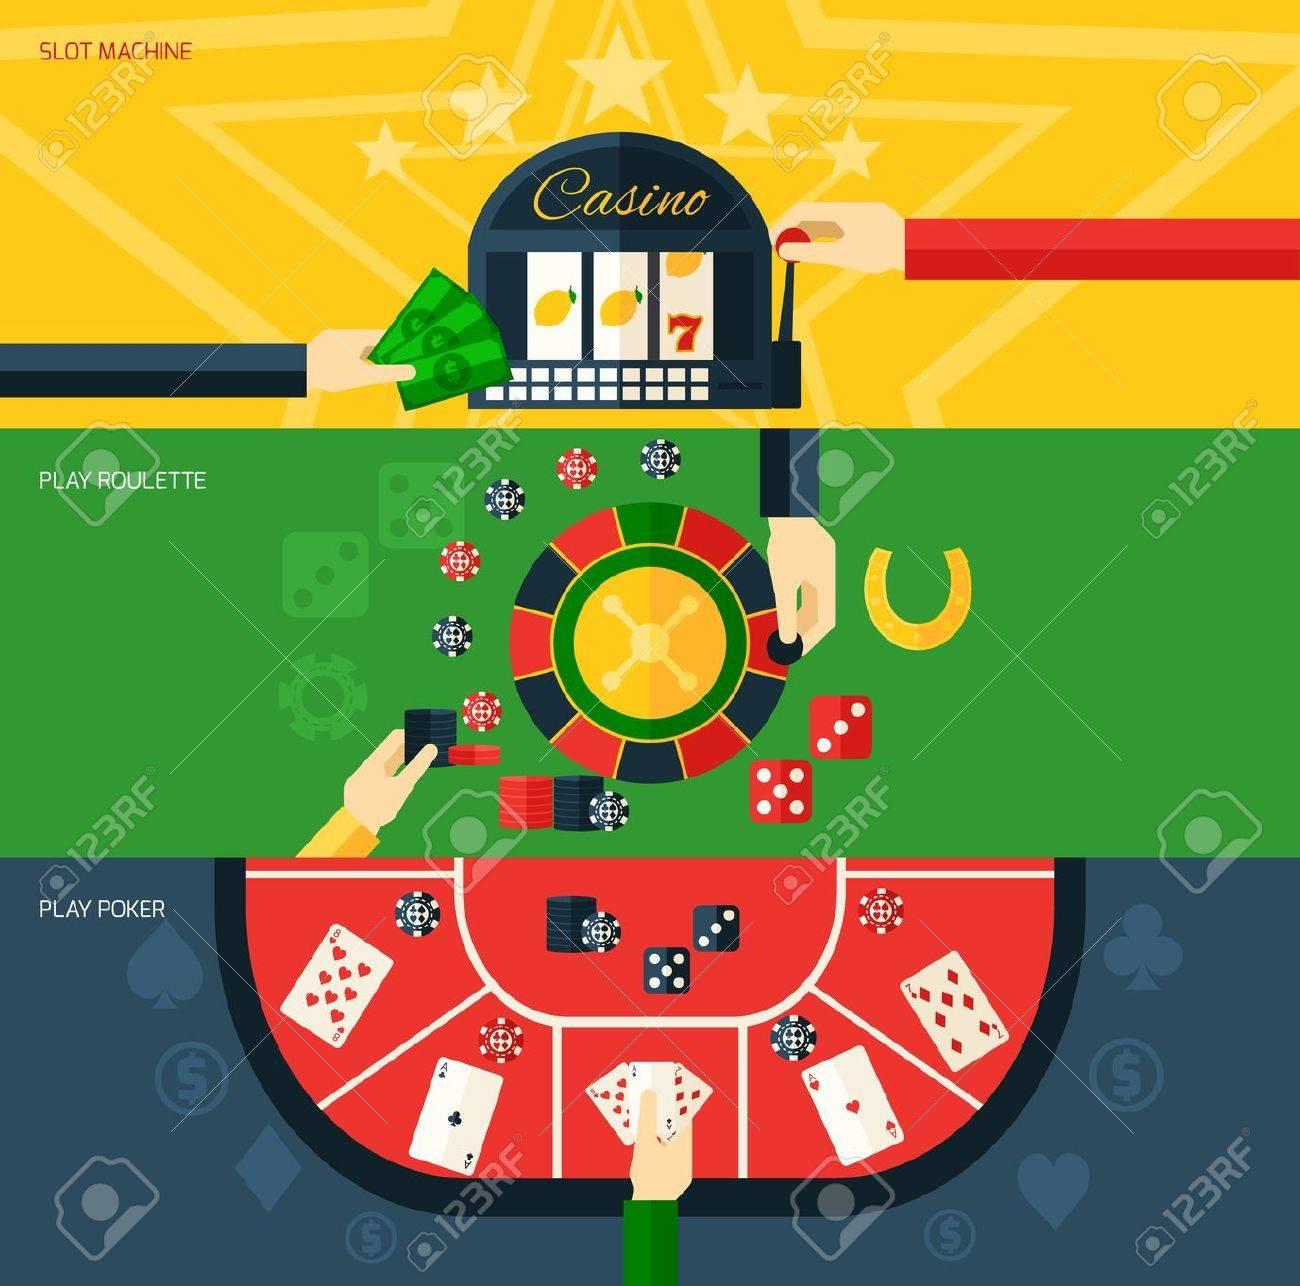 Игровые автоматы видеослоты играть онлайн - Казино